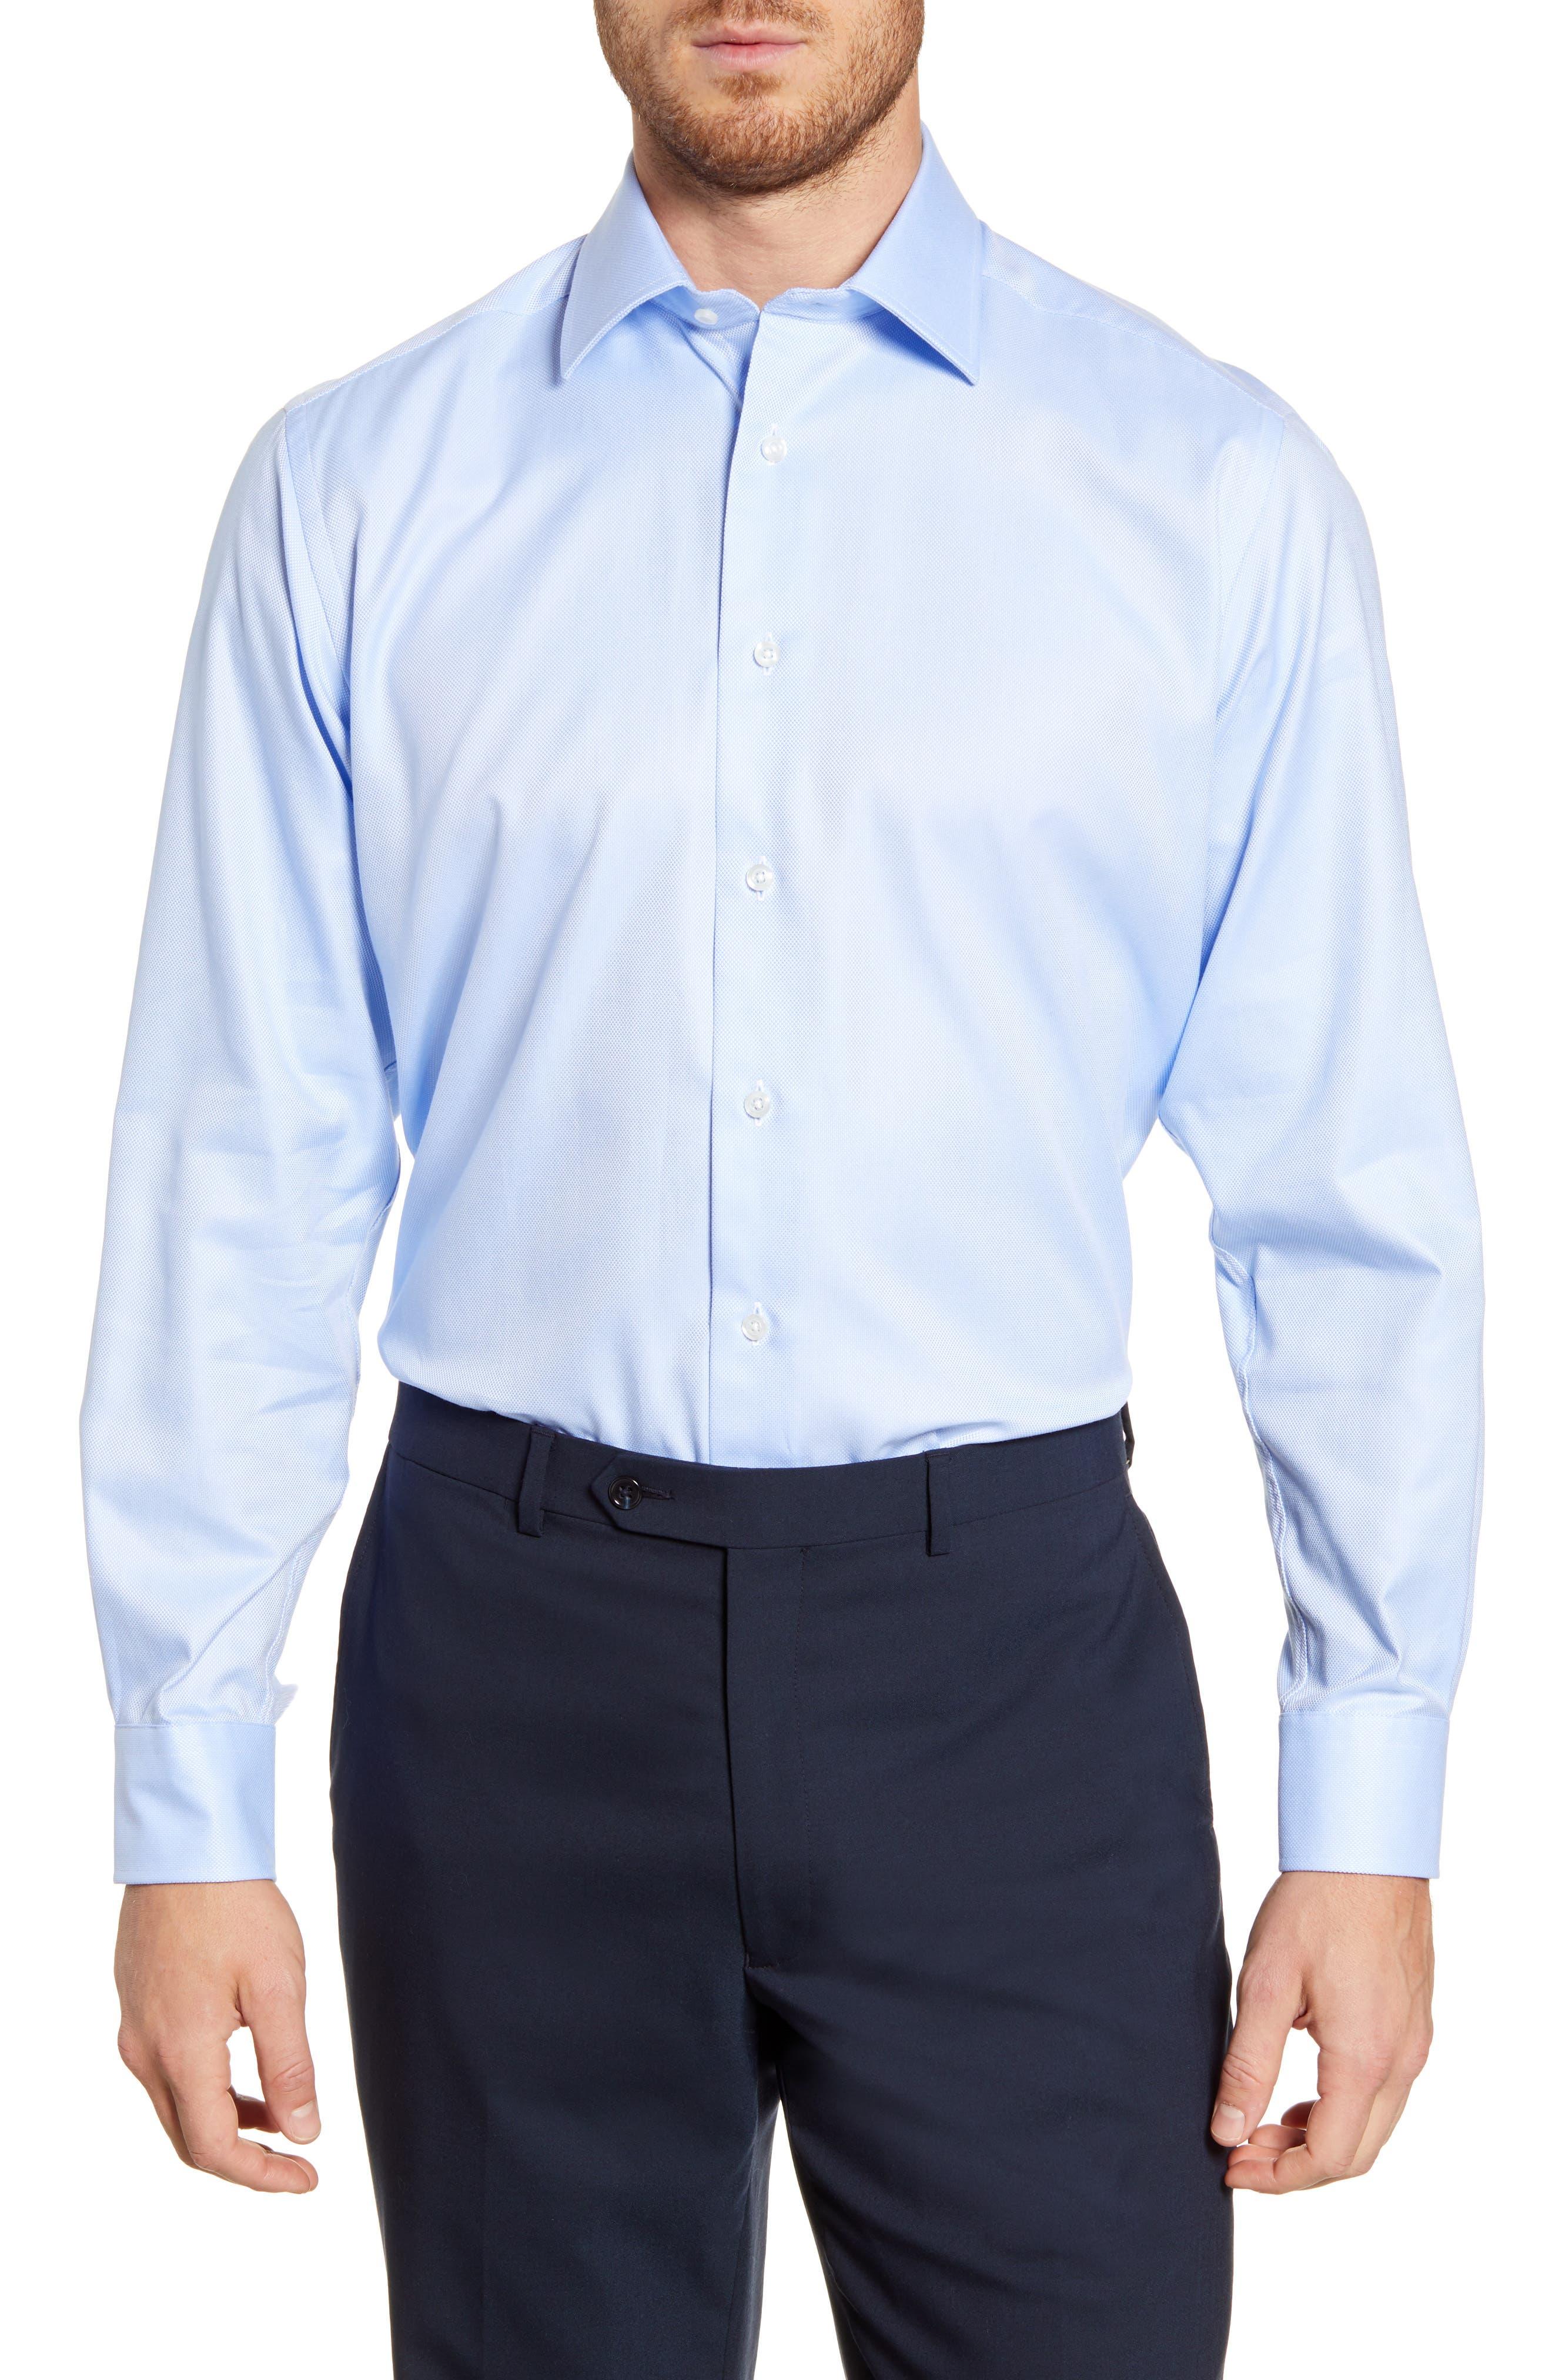 Regular Fit Oxford Cotton Dress Shirt